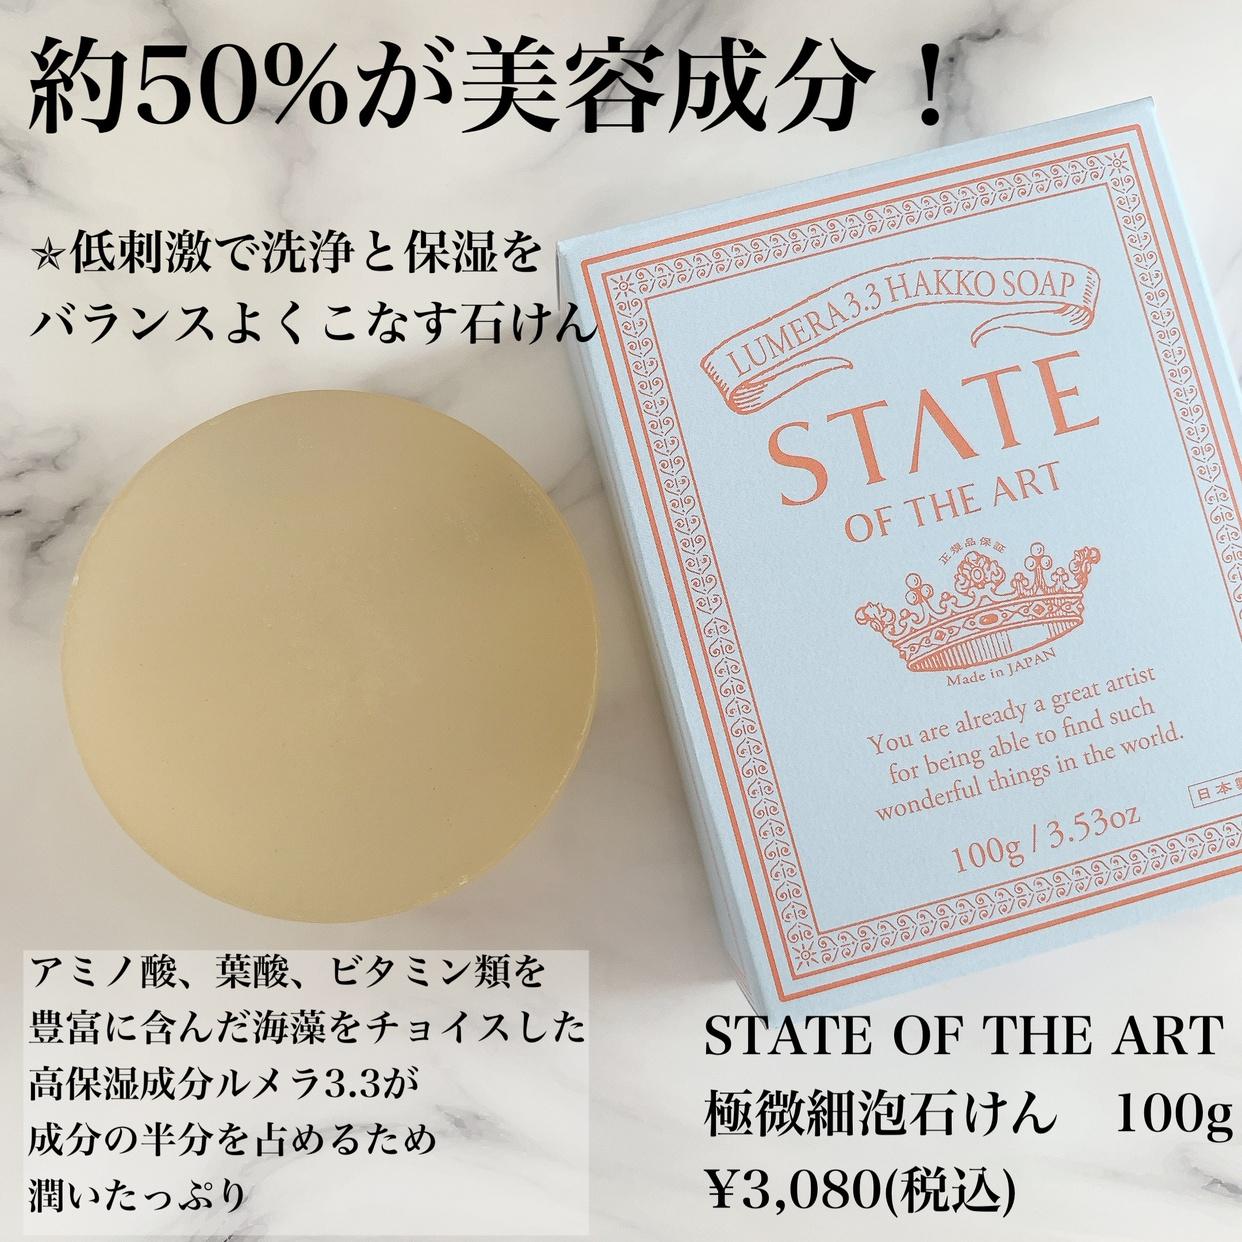 STATE OF THE ART(ステートオブザアート) 極微細 泡石けんを使ったまみやこさんのクチコミ画像2